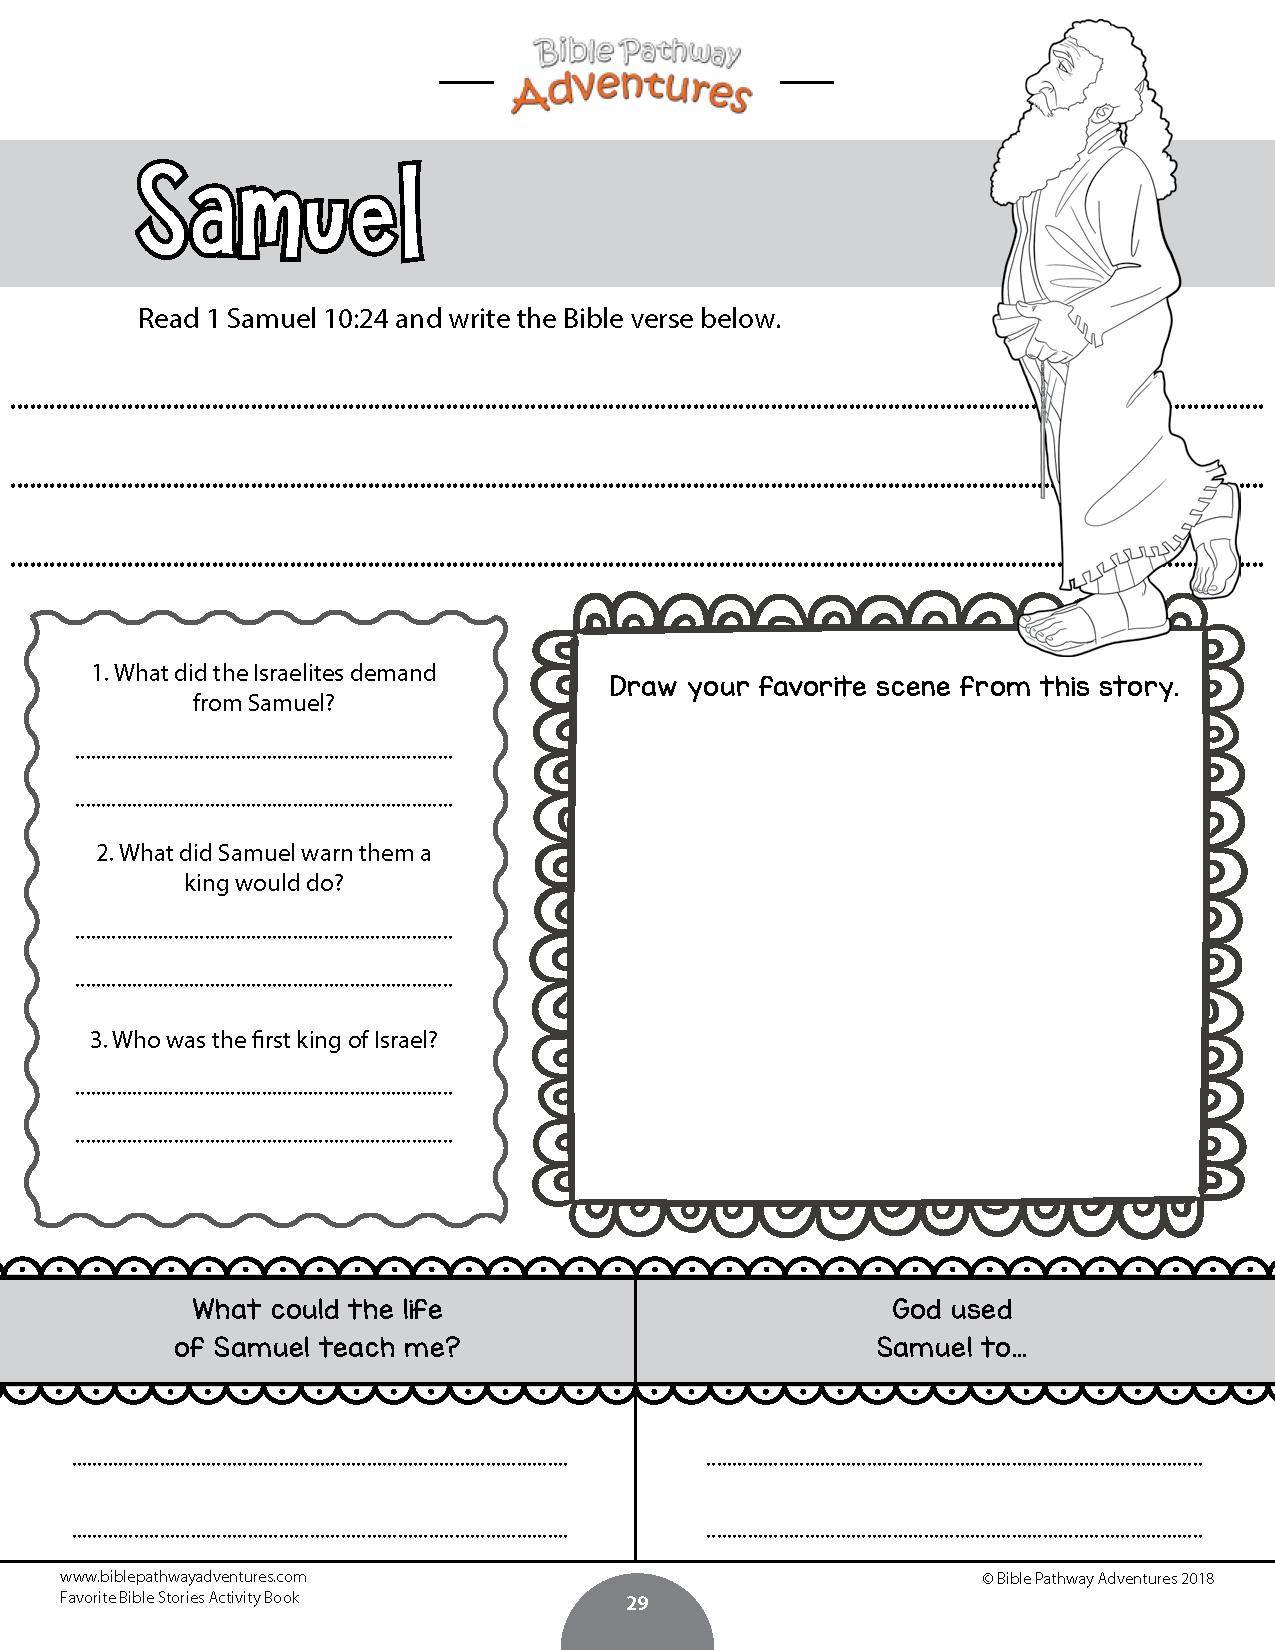 Samuel Coloring Activity For Kids Instant Download Bible Activities Bible Study For Kids Book Activities